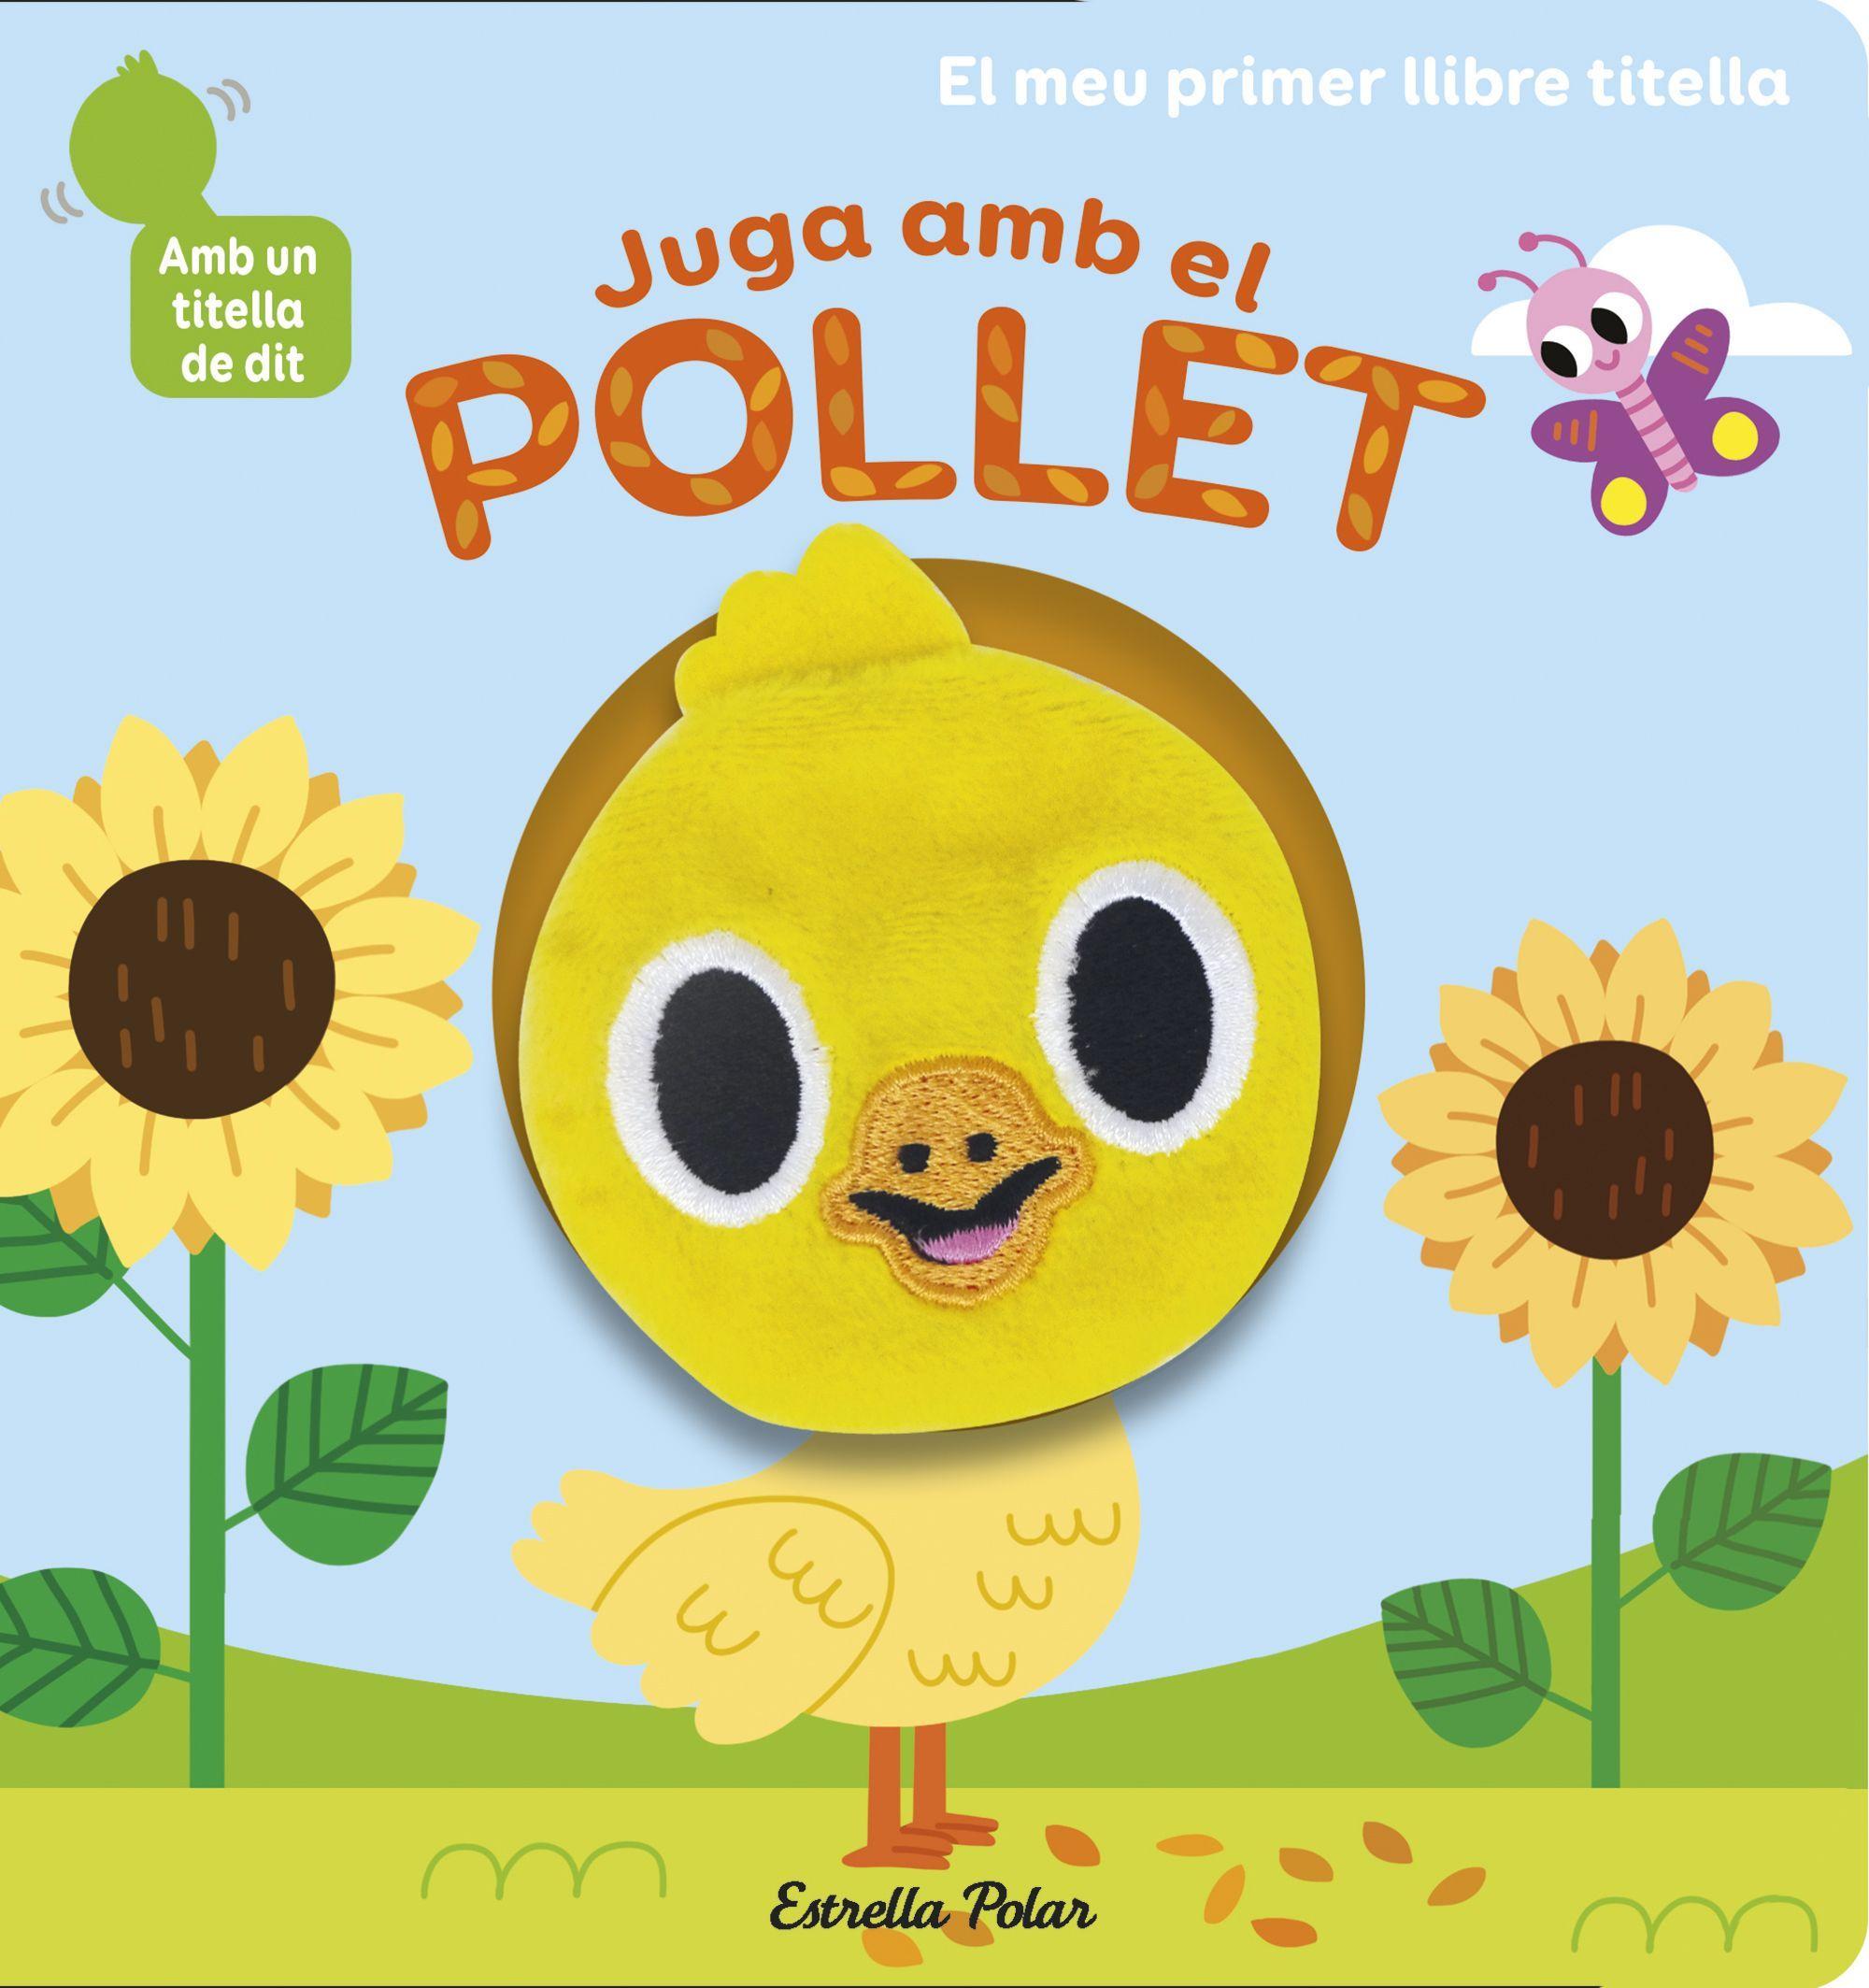 JUGA AMB EL POLLET LLIBRE TITELLA